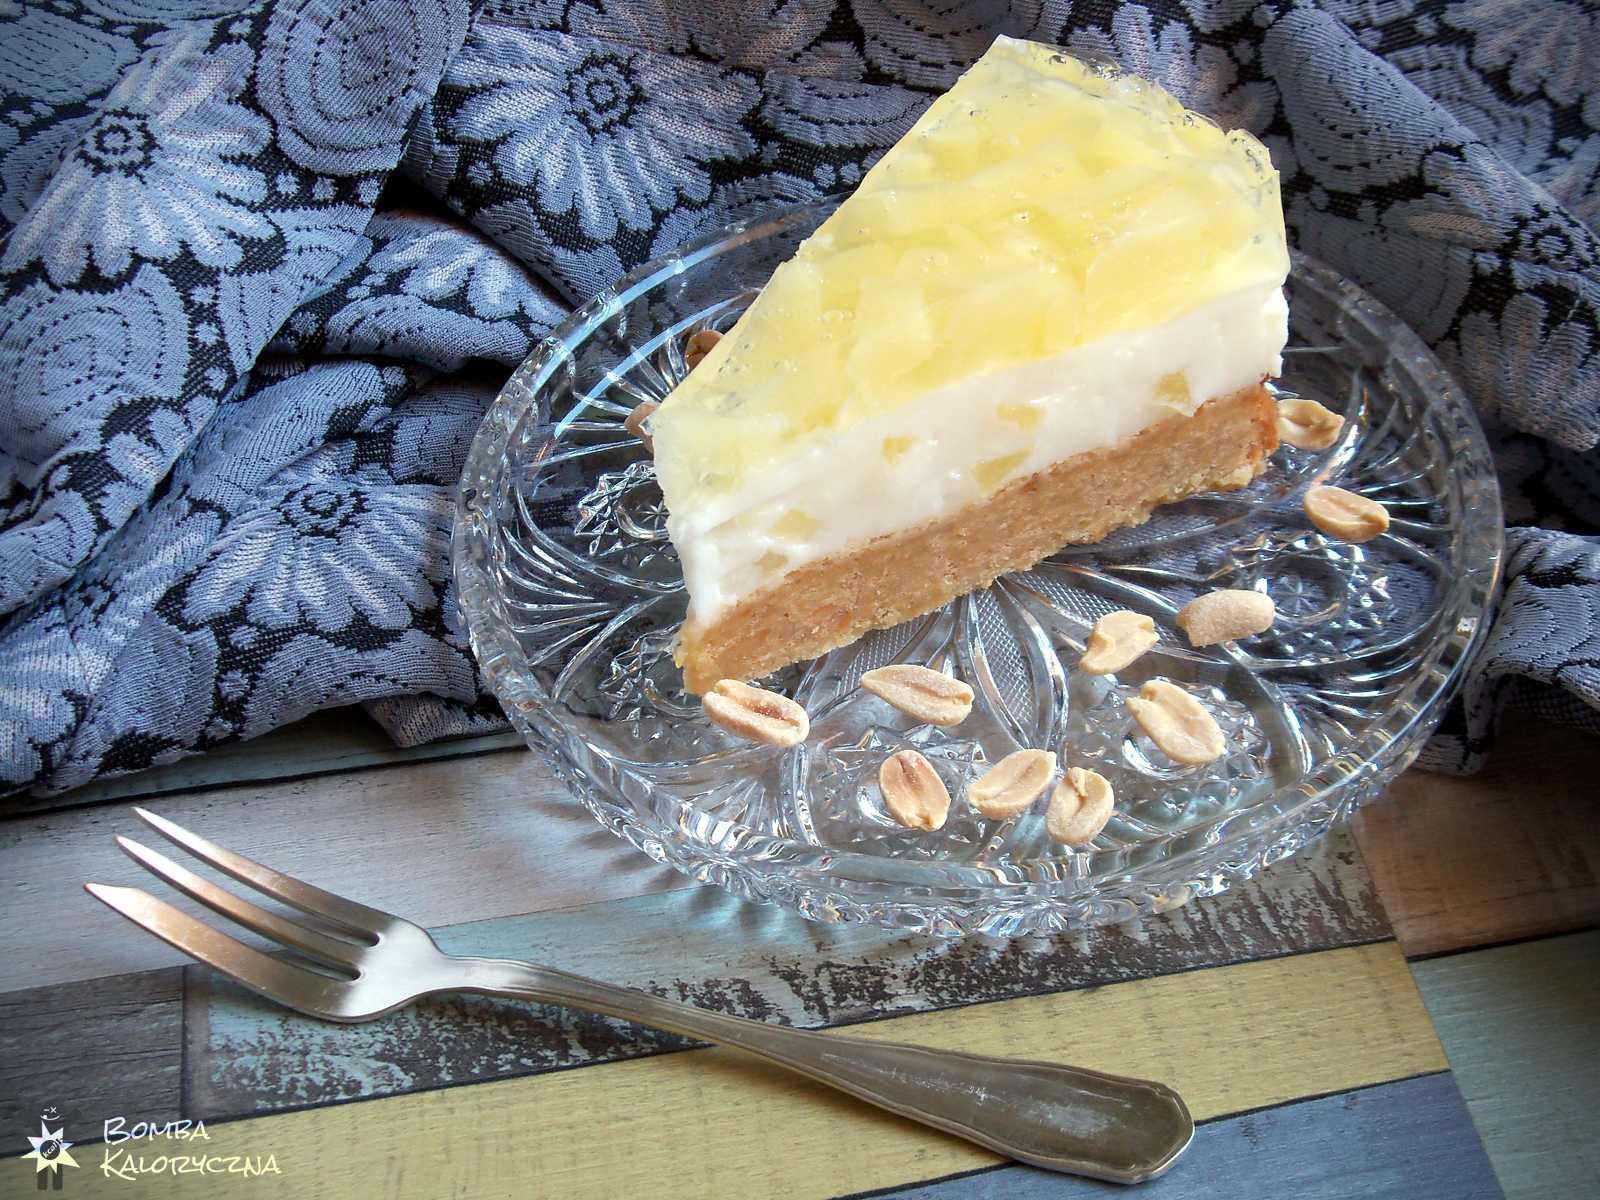 Ananasowiec naarachidowym spodzie — tort ananasowy